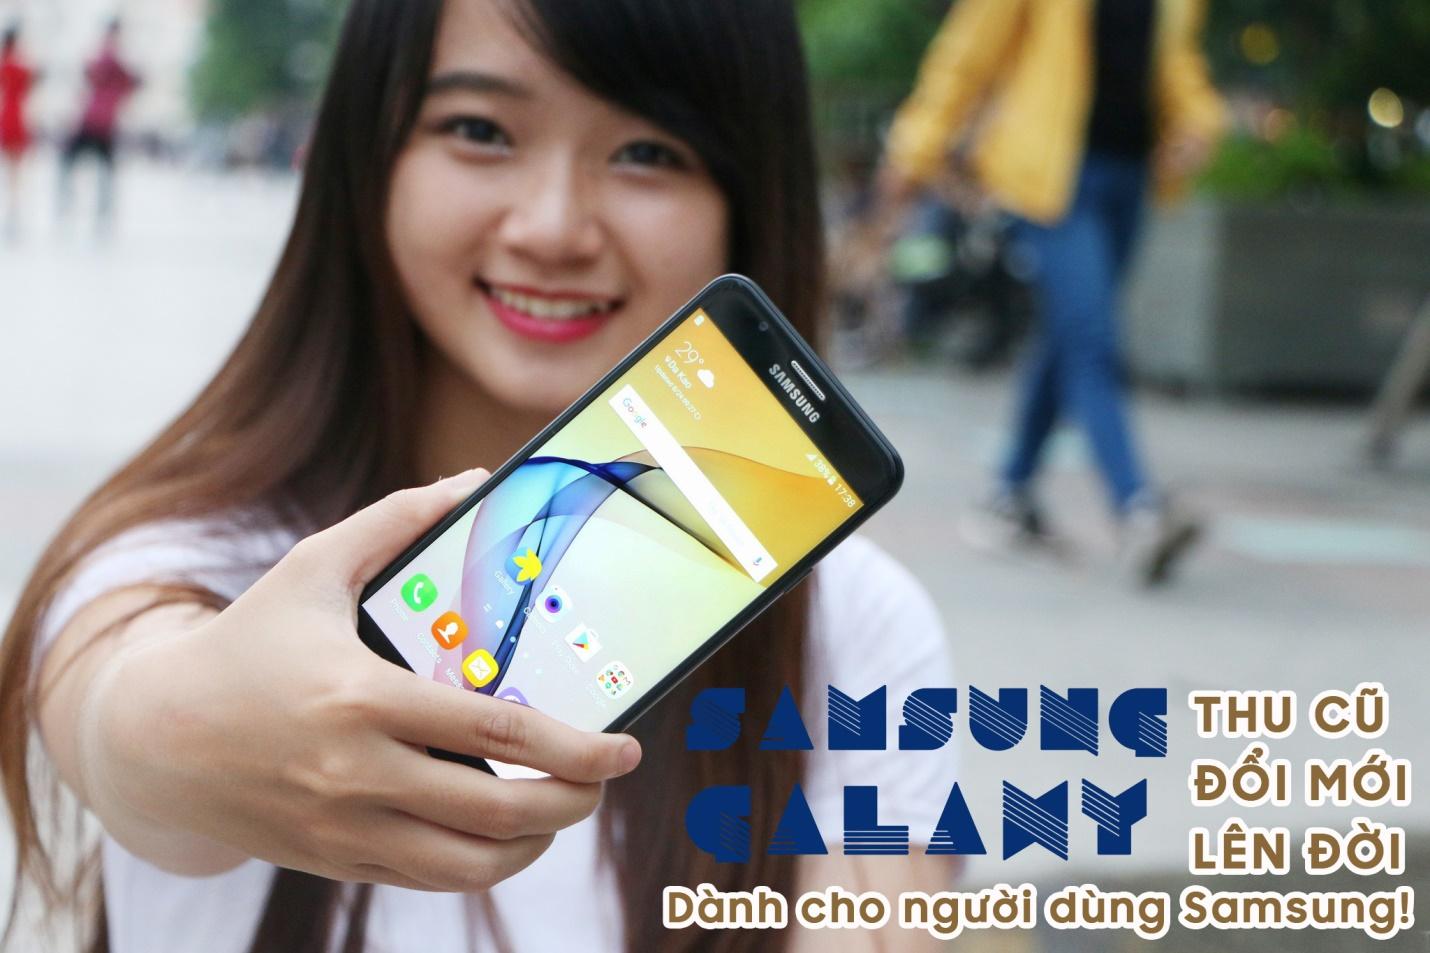 """FPT Shop """"Thu cũ – đổi mới"""" lên đời Galaxy A5 / A7 2016, A9 Pro, J7 Prime"""